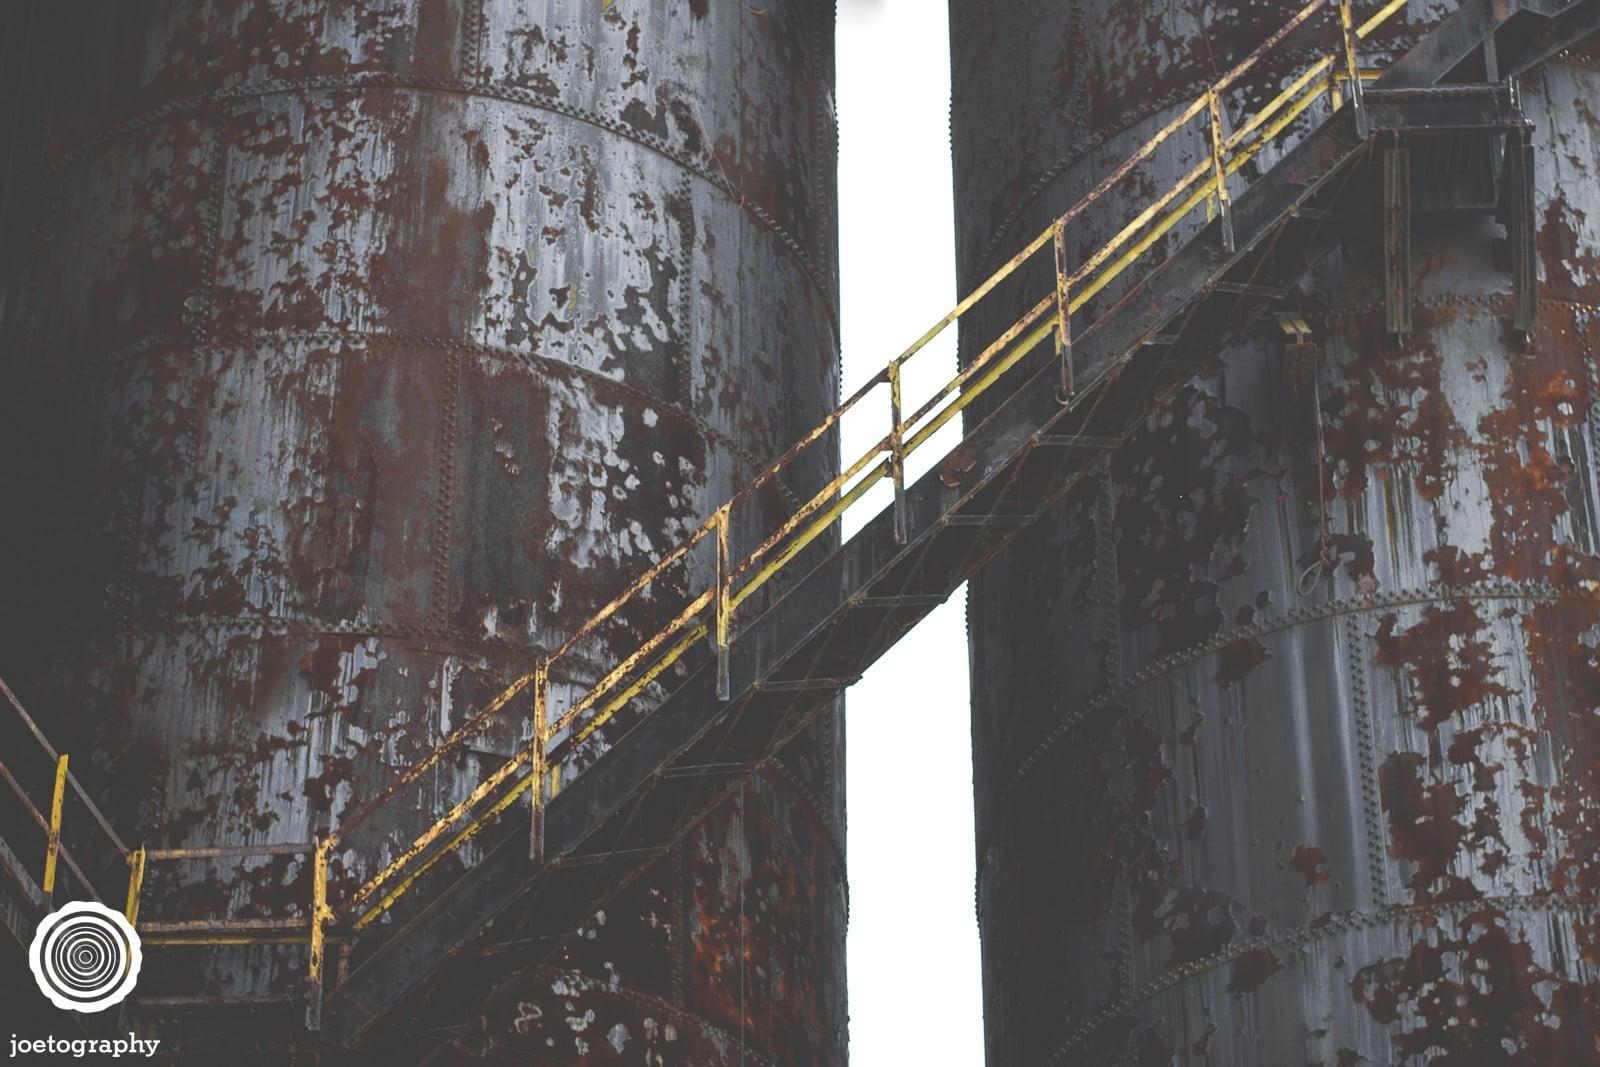 joetography-travel-photography-bethlehem-steel-pennsylvania-2015-1